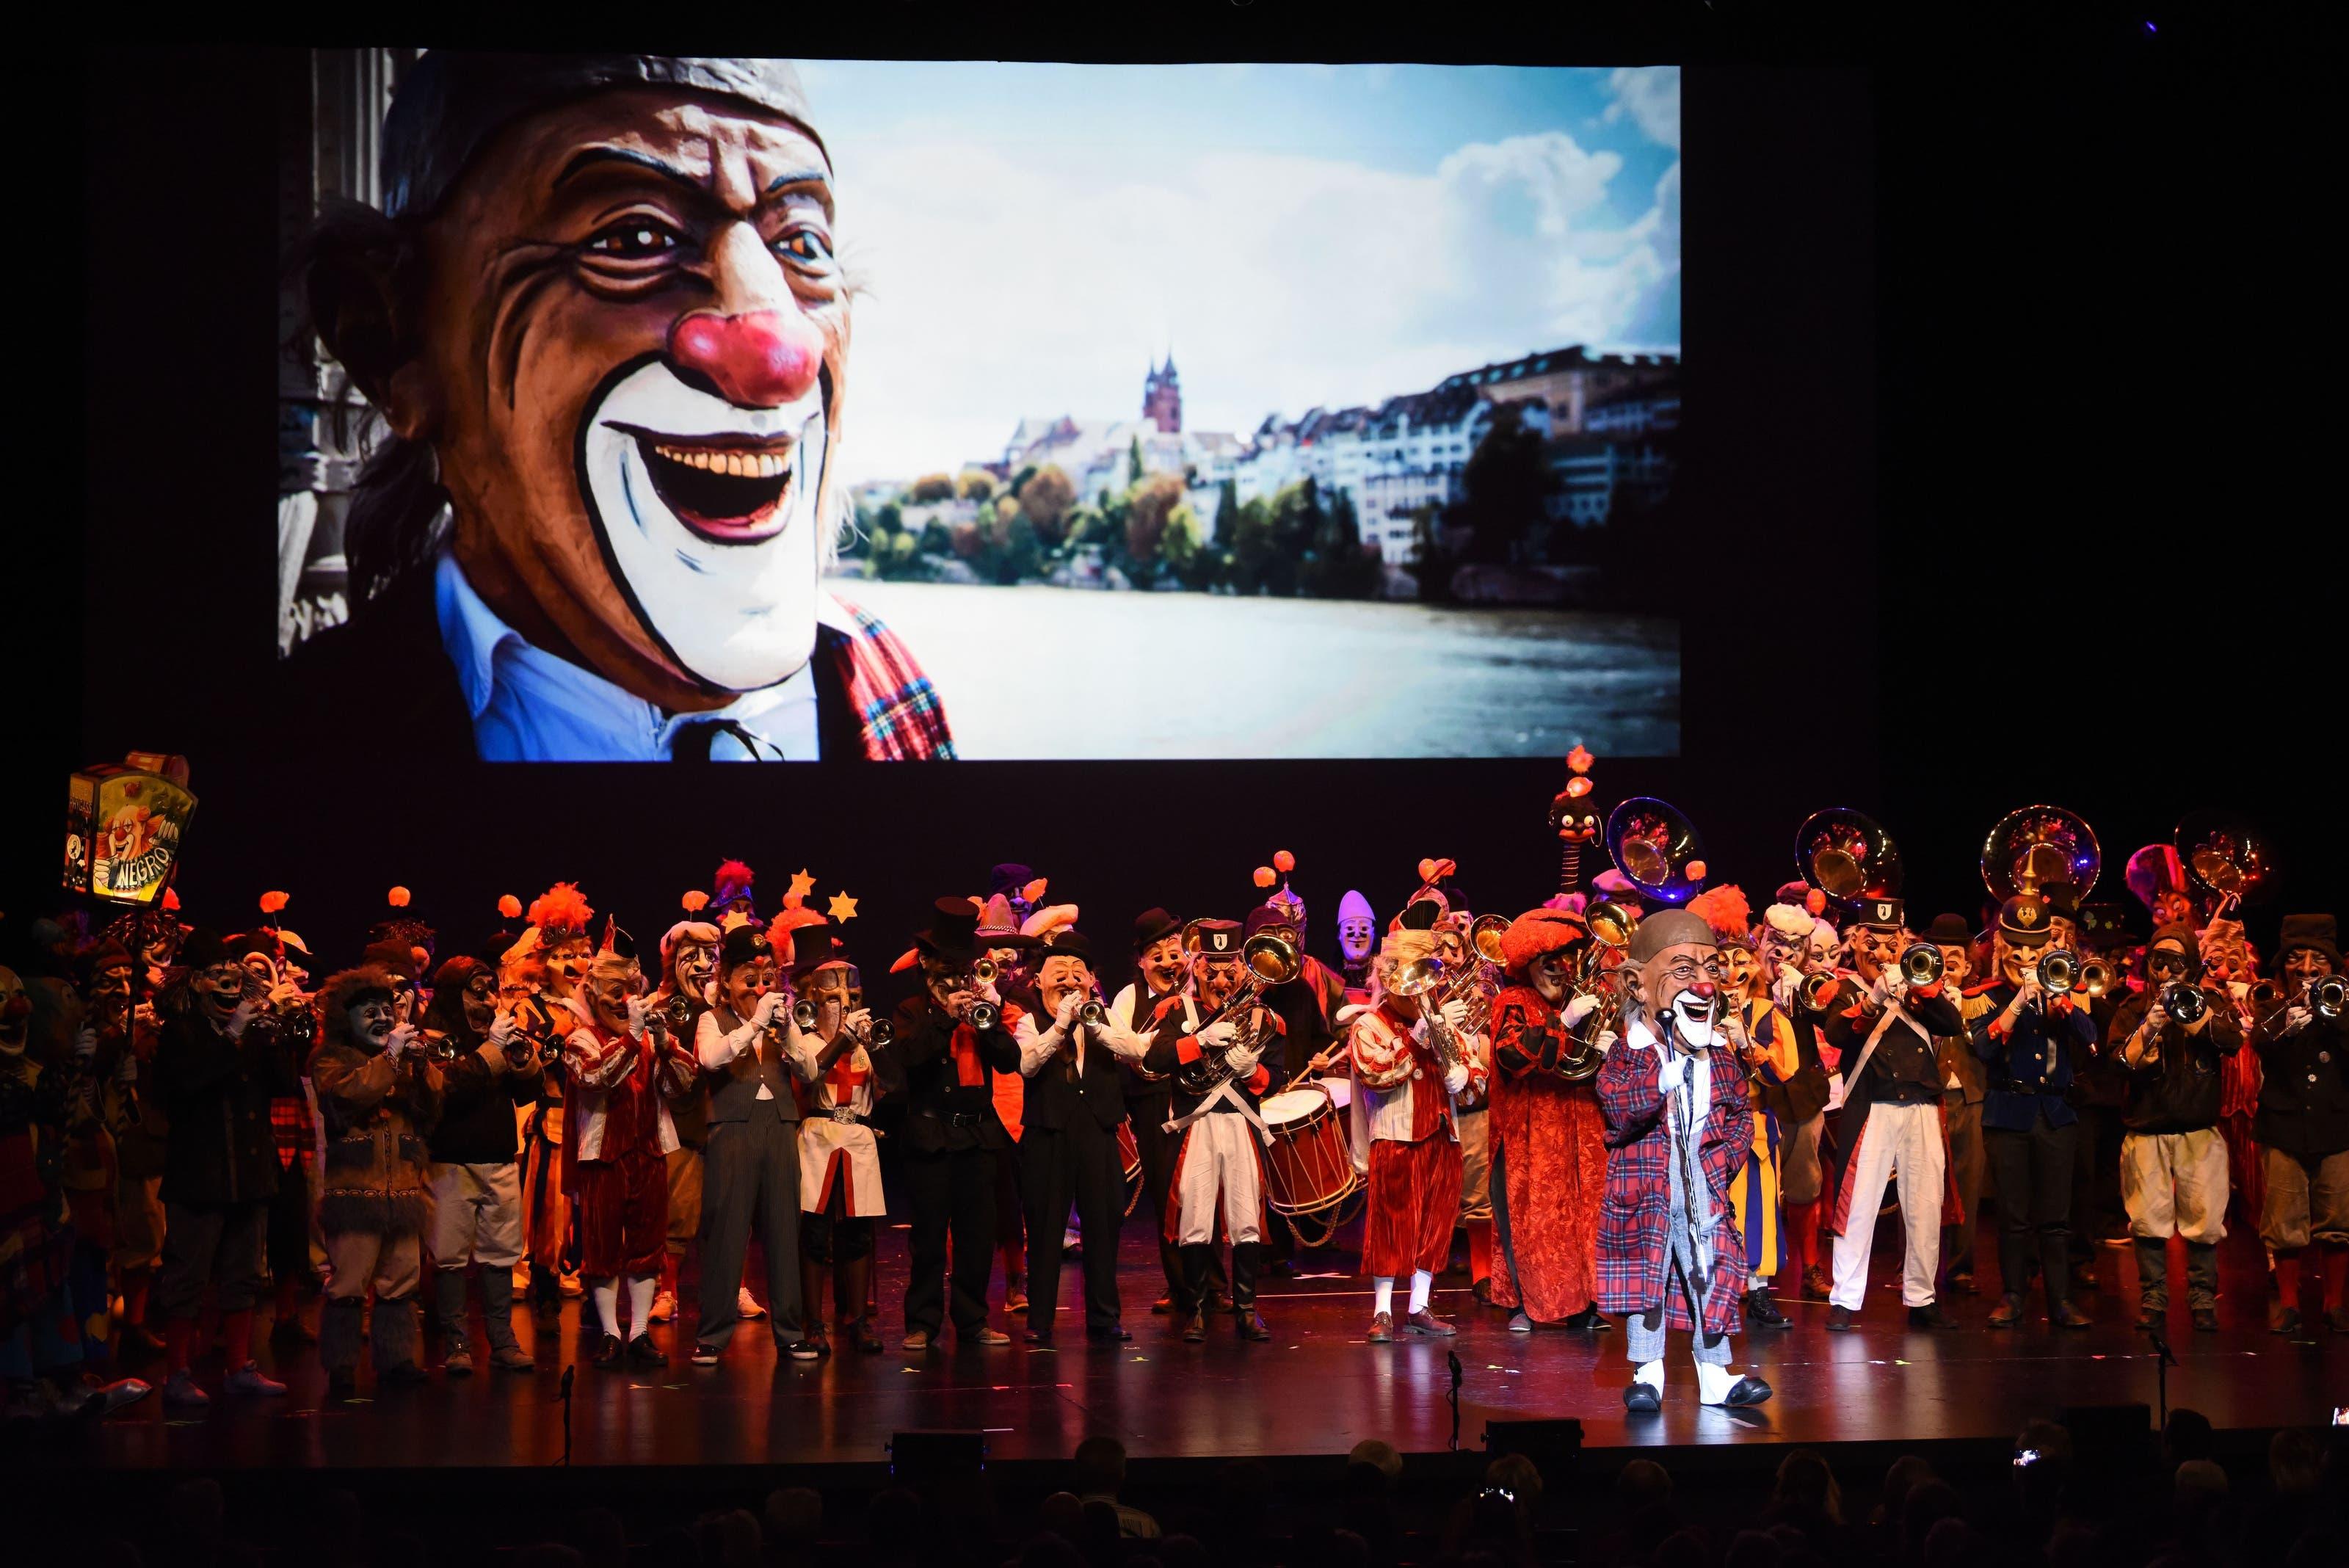 Die Basler Traditions-Gugge Negro-Rhygass an ihrem Auftritt beim Drummeli 2018.